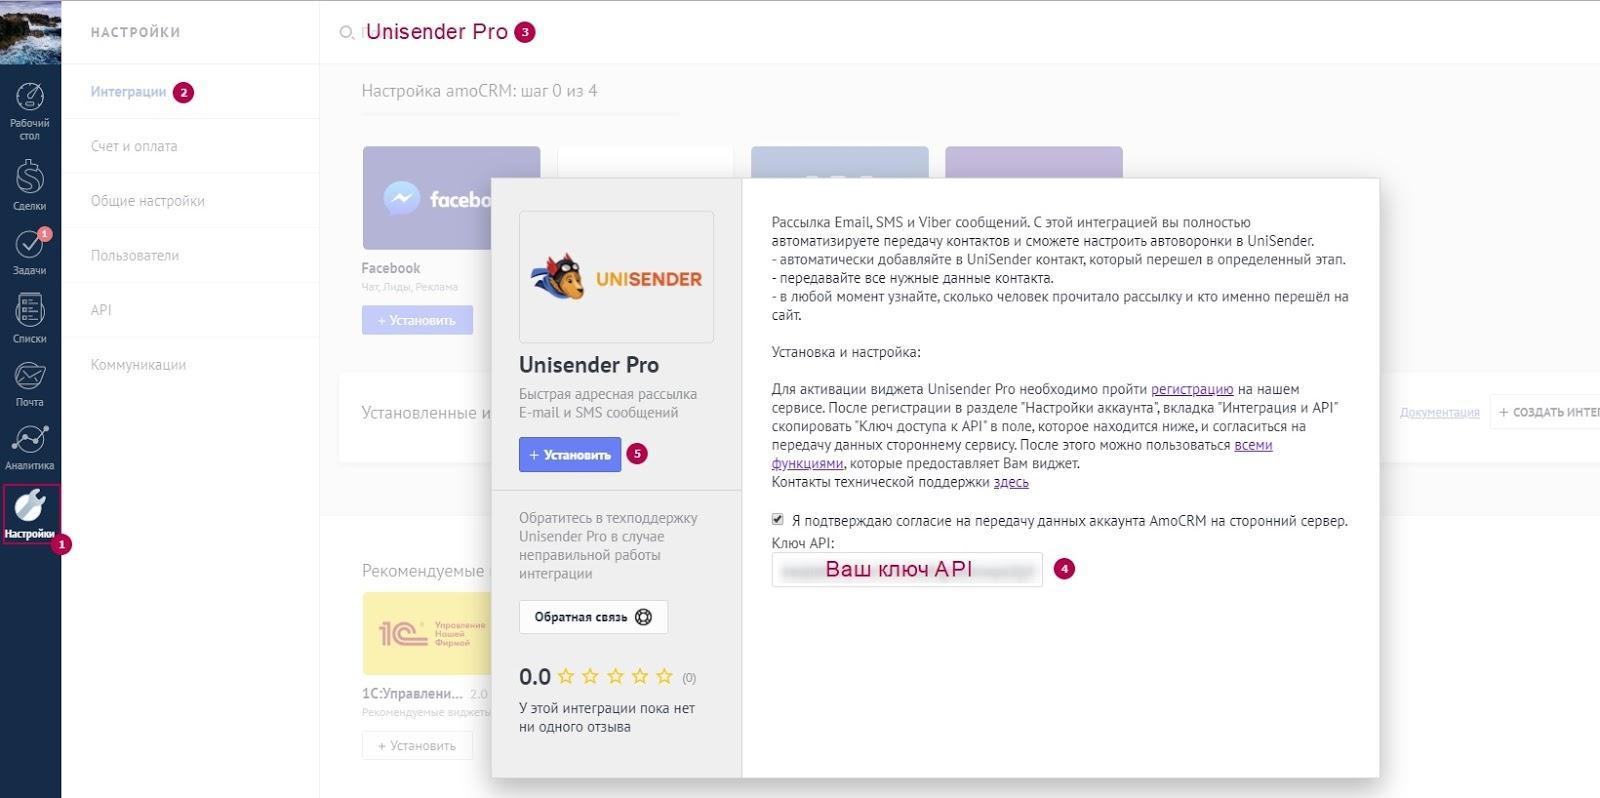 Сюда в amoCRM мы вписываем API-ключ UniSender